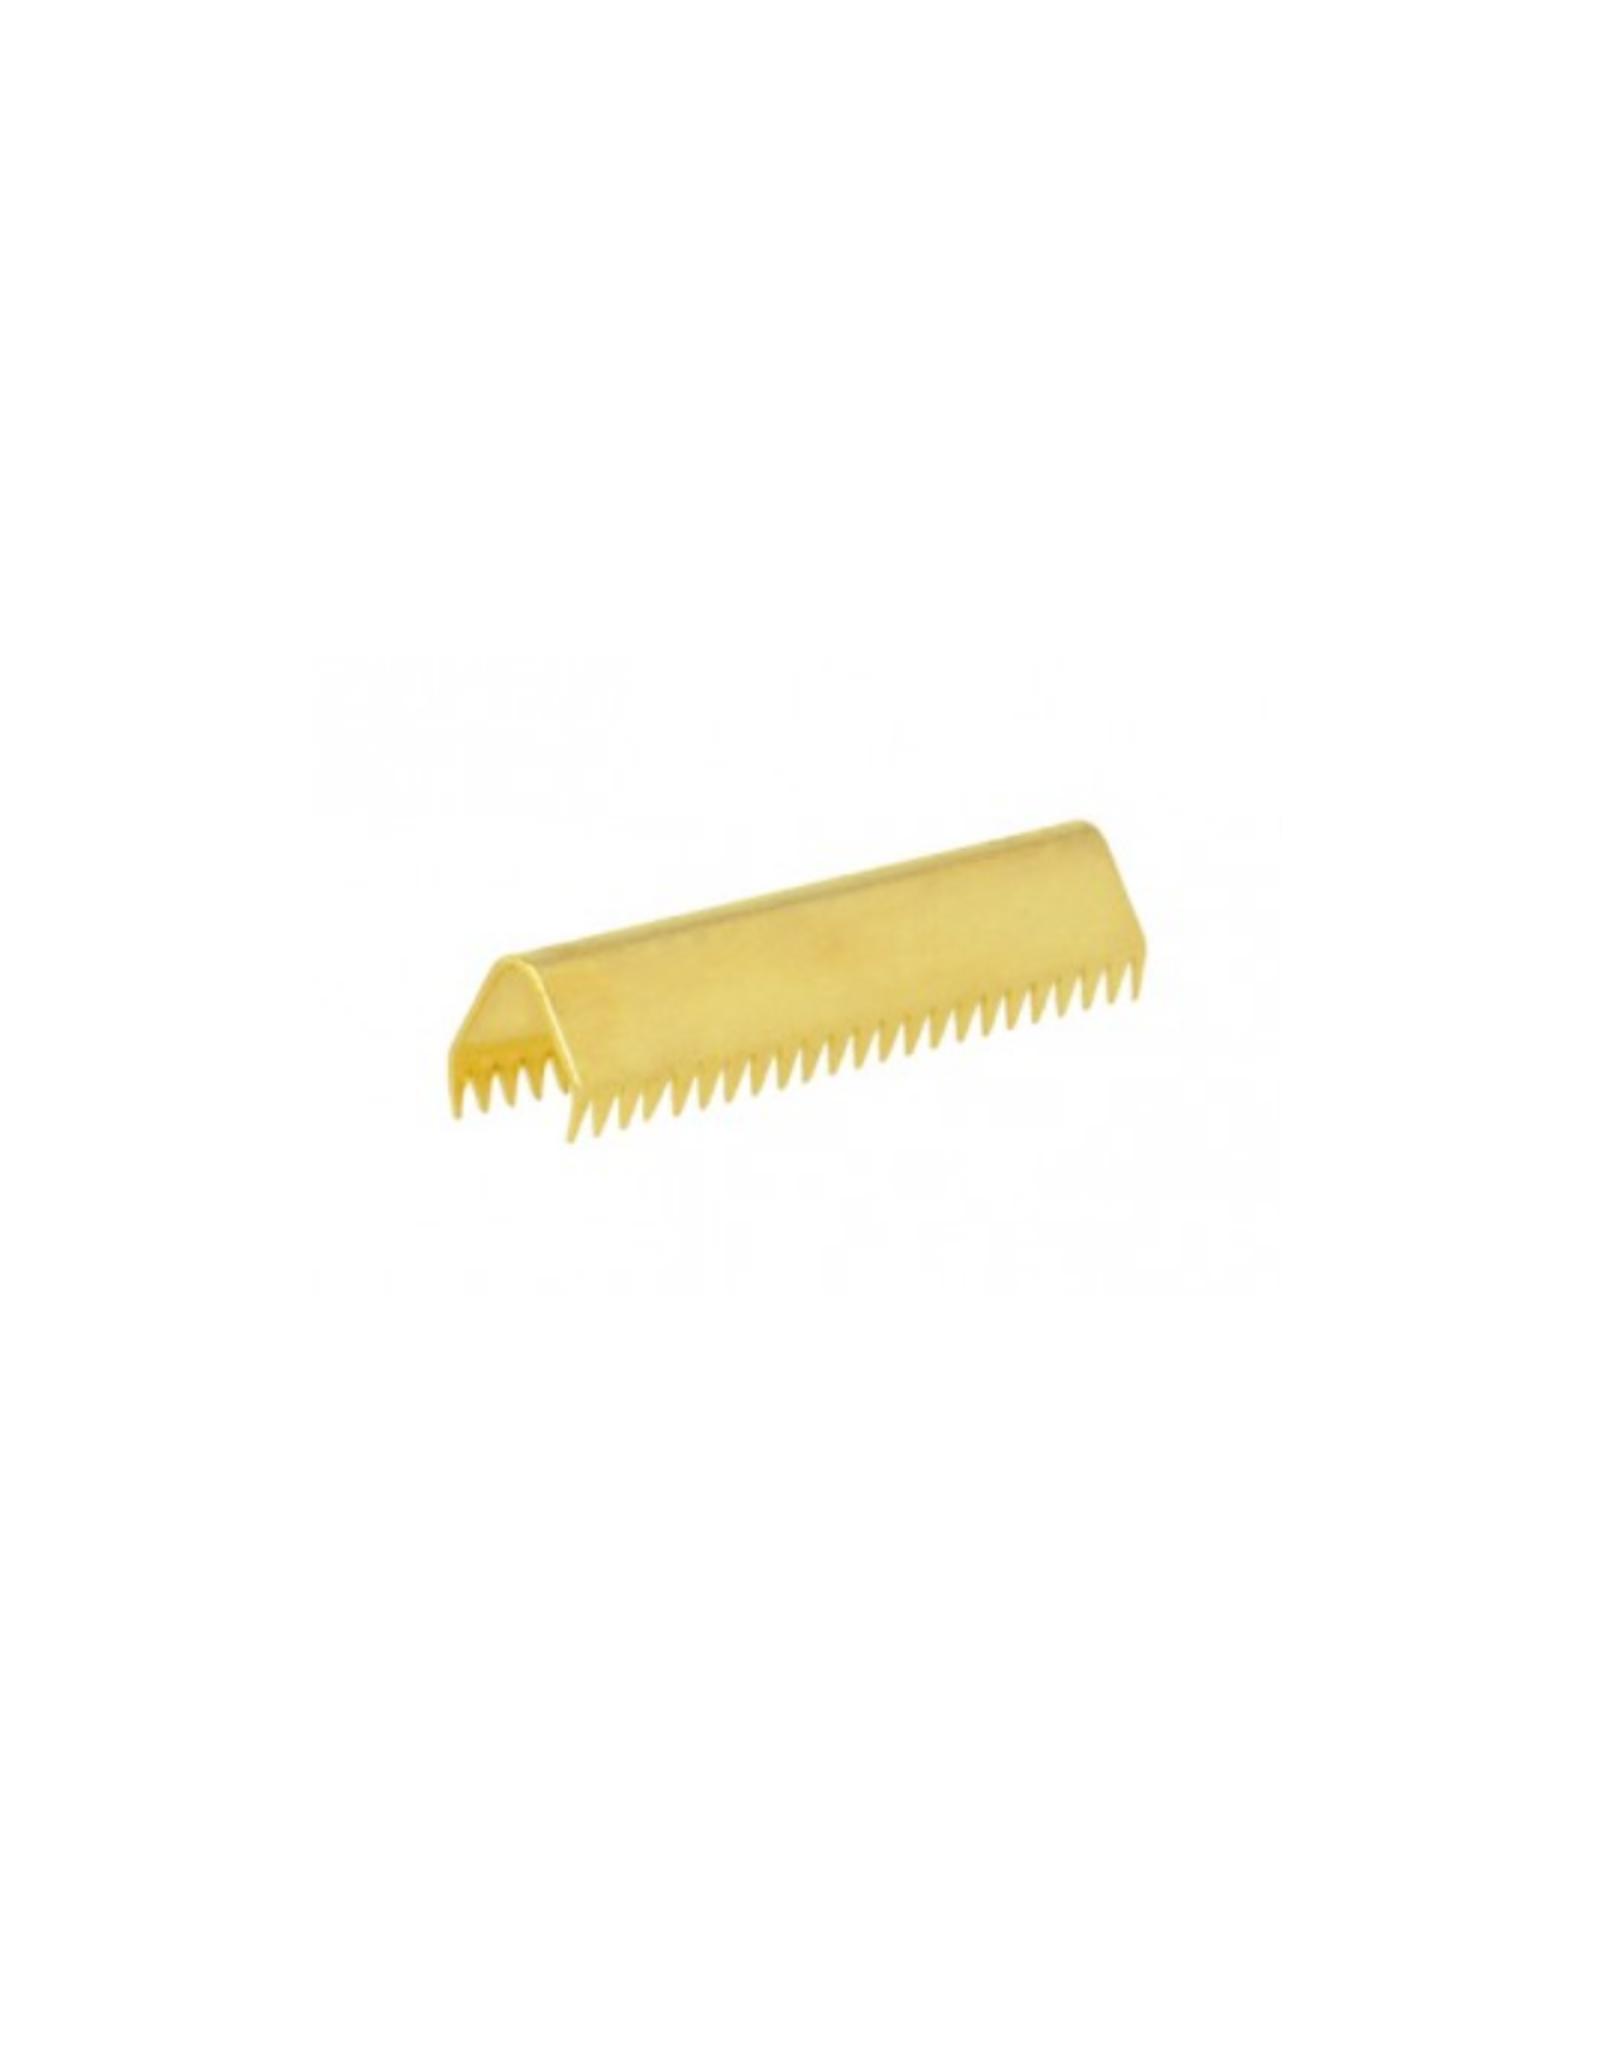 Eindje voor tassenband - 40mm - Goud